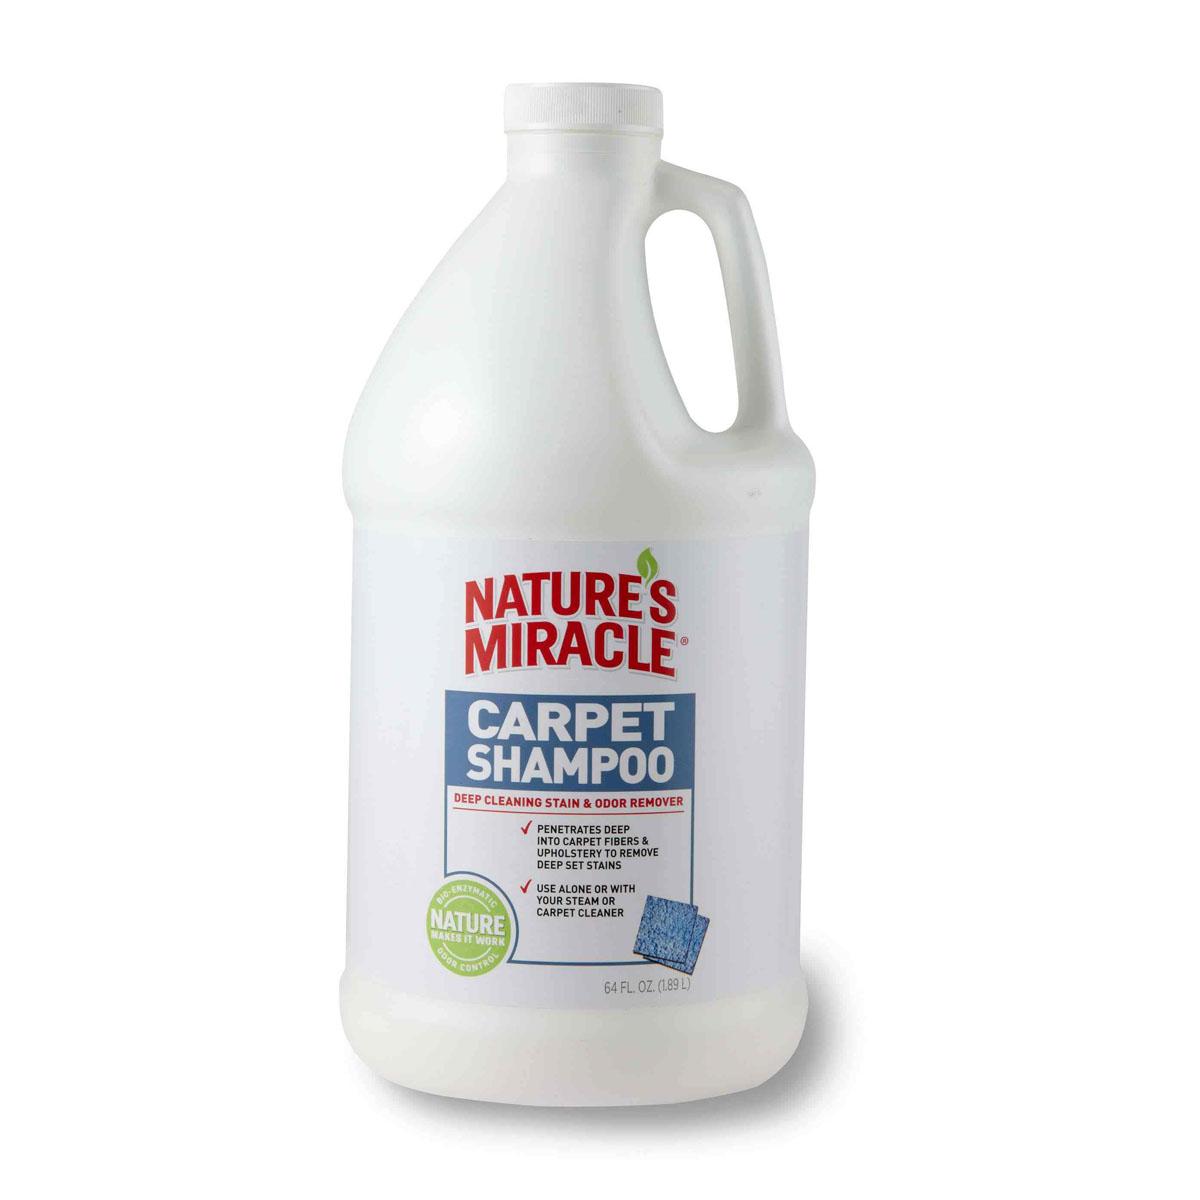 Моющее средство для ковров и мягкой мебели 8 in 1 Natures Miracle, с нейтрализаторами аллергенов, 1,8 л391602Моющее средство для ковров и мягкой мебели 8 in 1 Natures Miracle - оптимальное решение для тех, кто хочет эффективно удалить с ковра пятна и запахи, оставленные животными. Средство можно использовать самостоятельно или вместе с пылесосом, оно глубоко проникает в ворс ковра, вытаскивая на поверхность новые и застарелые пятна, запахи и аллергены. Наша бесфосфатная формула с низким уровнем пенообразования удаляет все загрязнения и освежает ковры. Моющее средство для ковров может использоваться для удаления с ковров пятен и запахов, оставленных собаками, кошками и другими животными. Внимание! Перед применением необходимо протестировать поверхность на цветоустойчивость. Способ применения: тщательно пропылесосить поверхность. Хорошо встряхните бутылку. Используйтемоющее средство для ковров и мягкой мебели в соответствии с инструкциями на пылесосе илипароочистителе. Не рекомендуется использовать моющее средство для очистки вельветовой, шелковой,виниловой, кожаной или 100% хлопчатобумажной обивки.Можно разбрызгивать из пульверизатора. Состав: вода, ПАВ с низким уровнем пенообразования, биоэнзимная технология нейтрализации запахов, пропилен гликоль, ароматизатор. Товар сертифицирован.